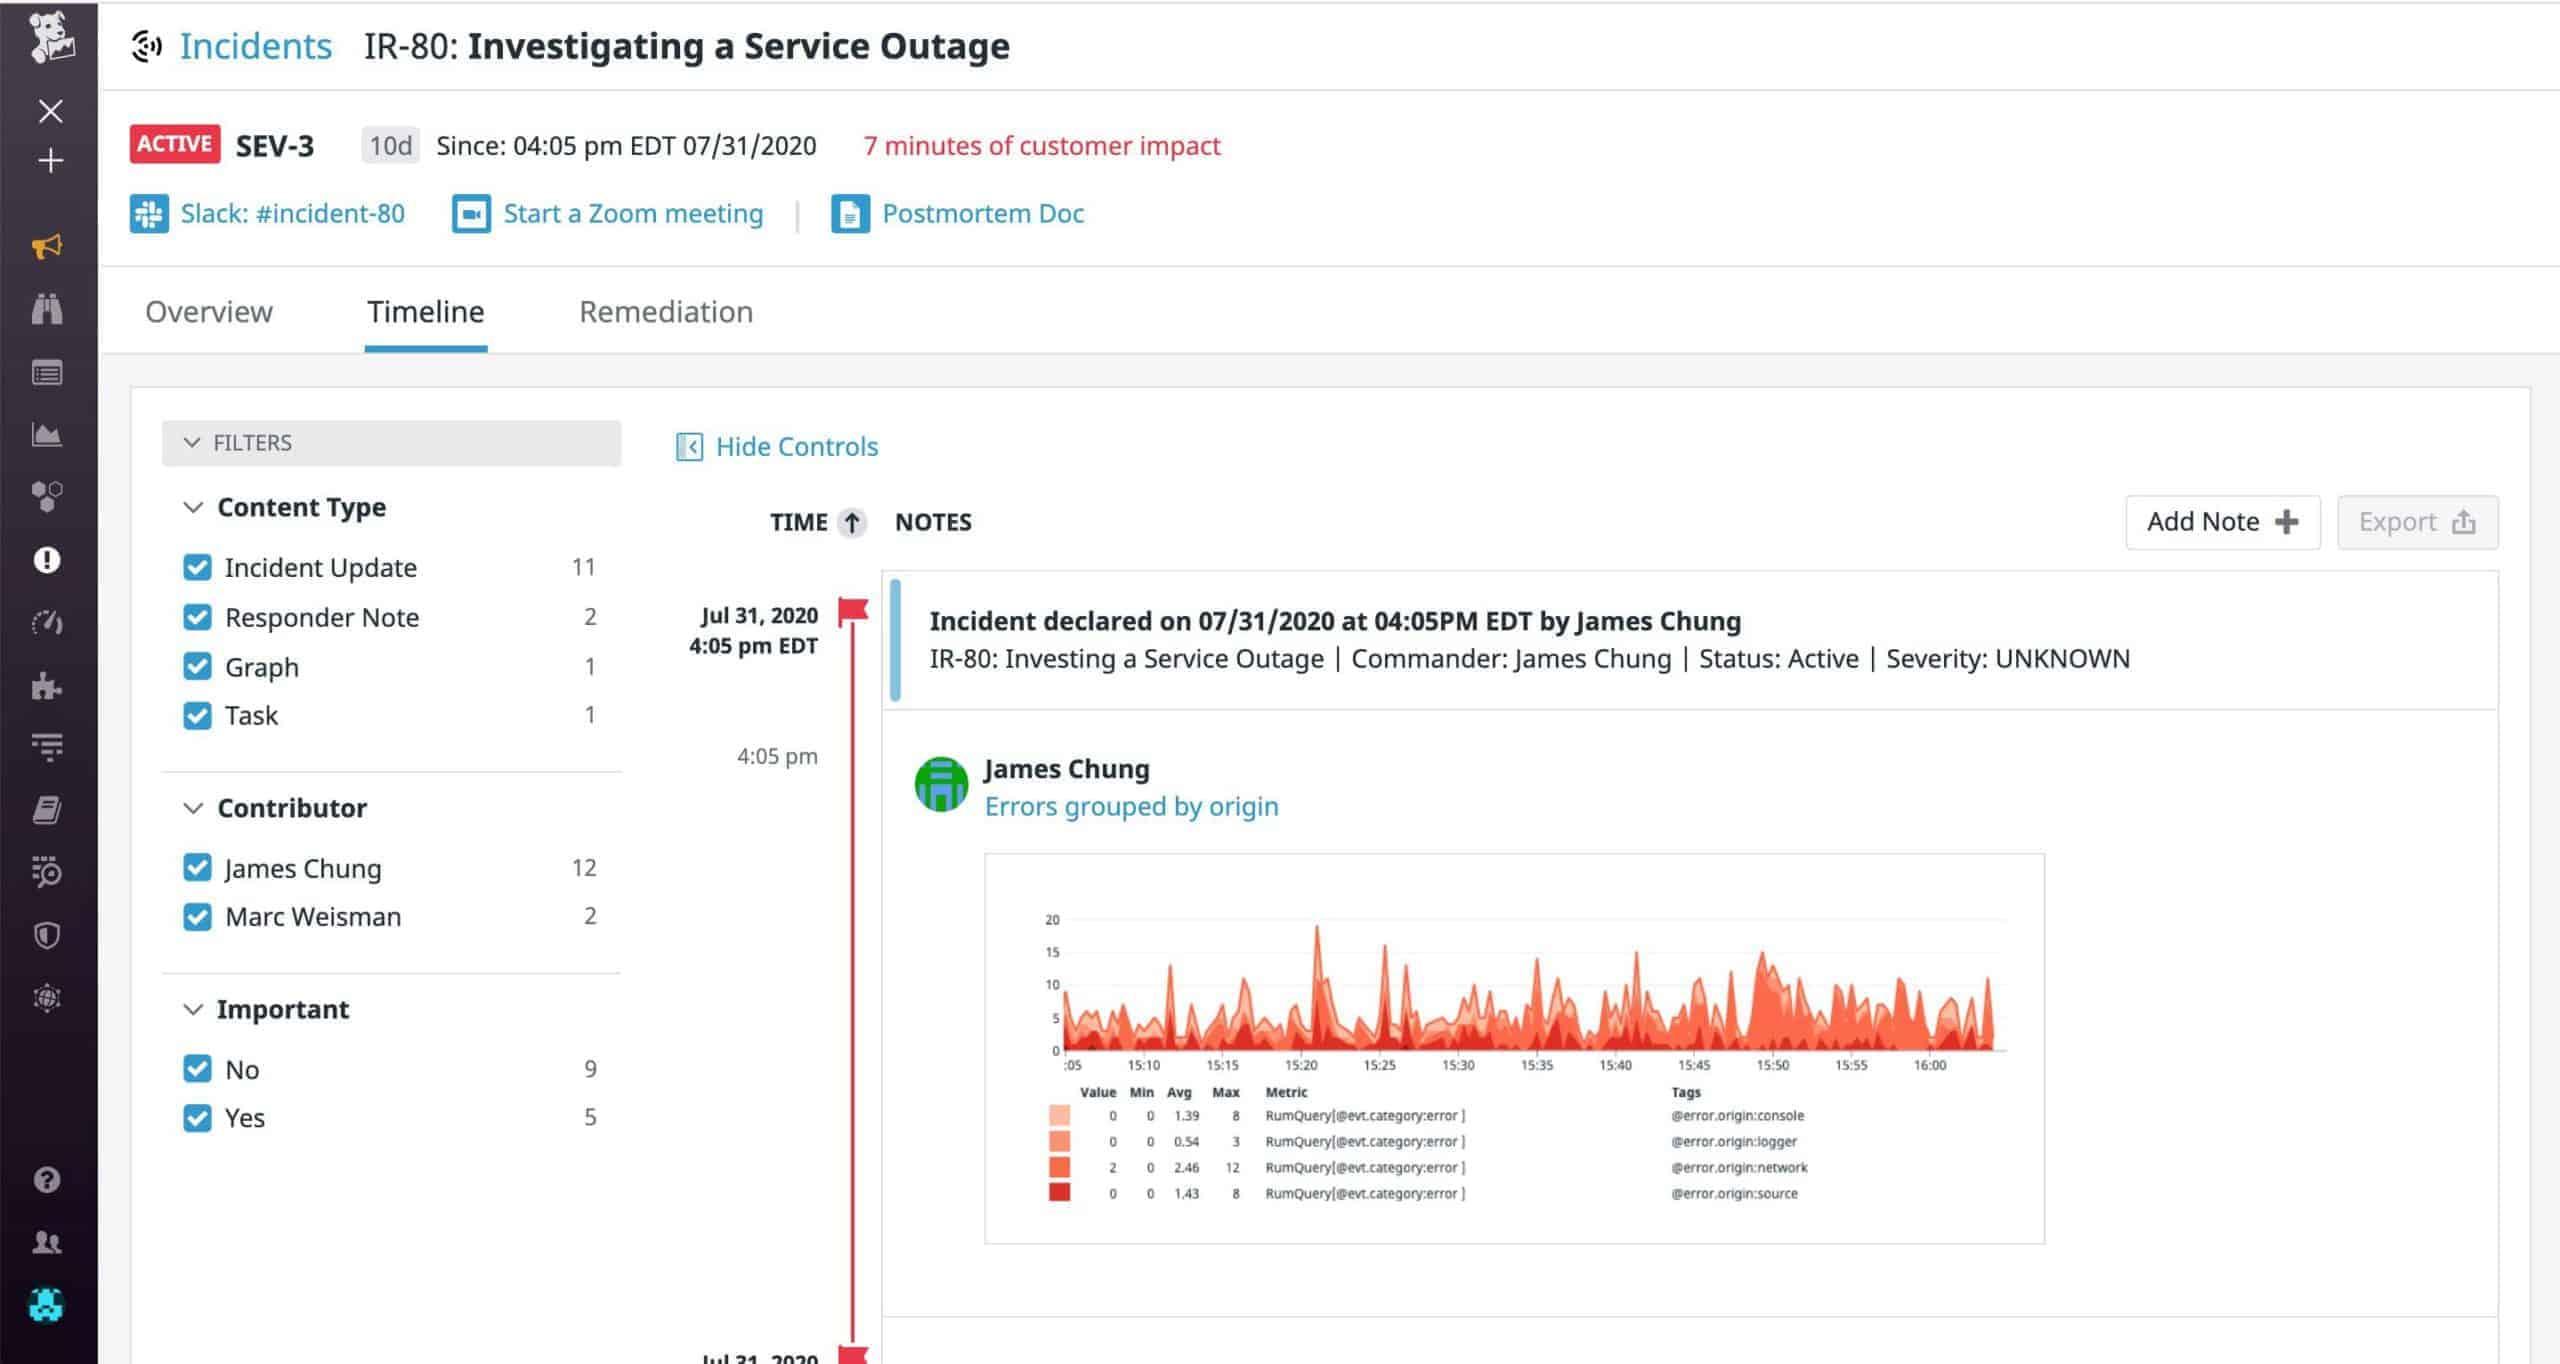 Server Outage Incident im Zeitverlauf